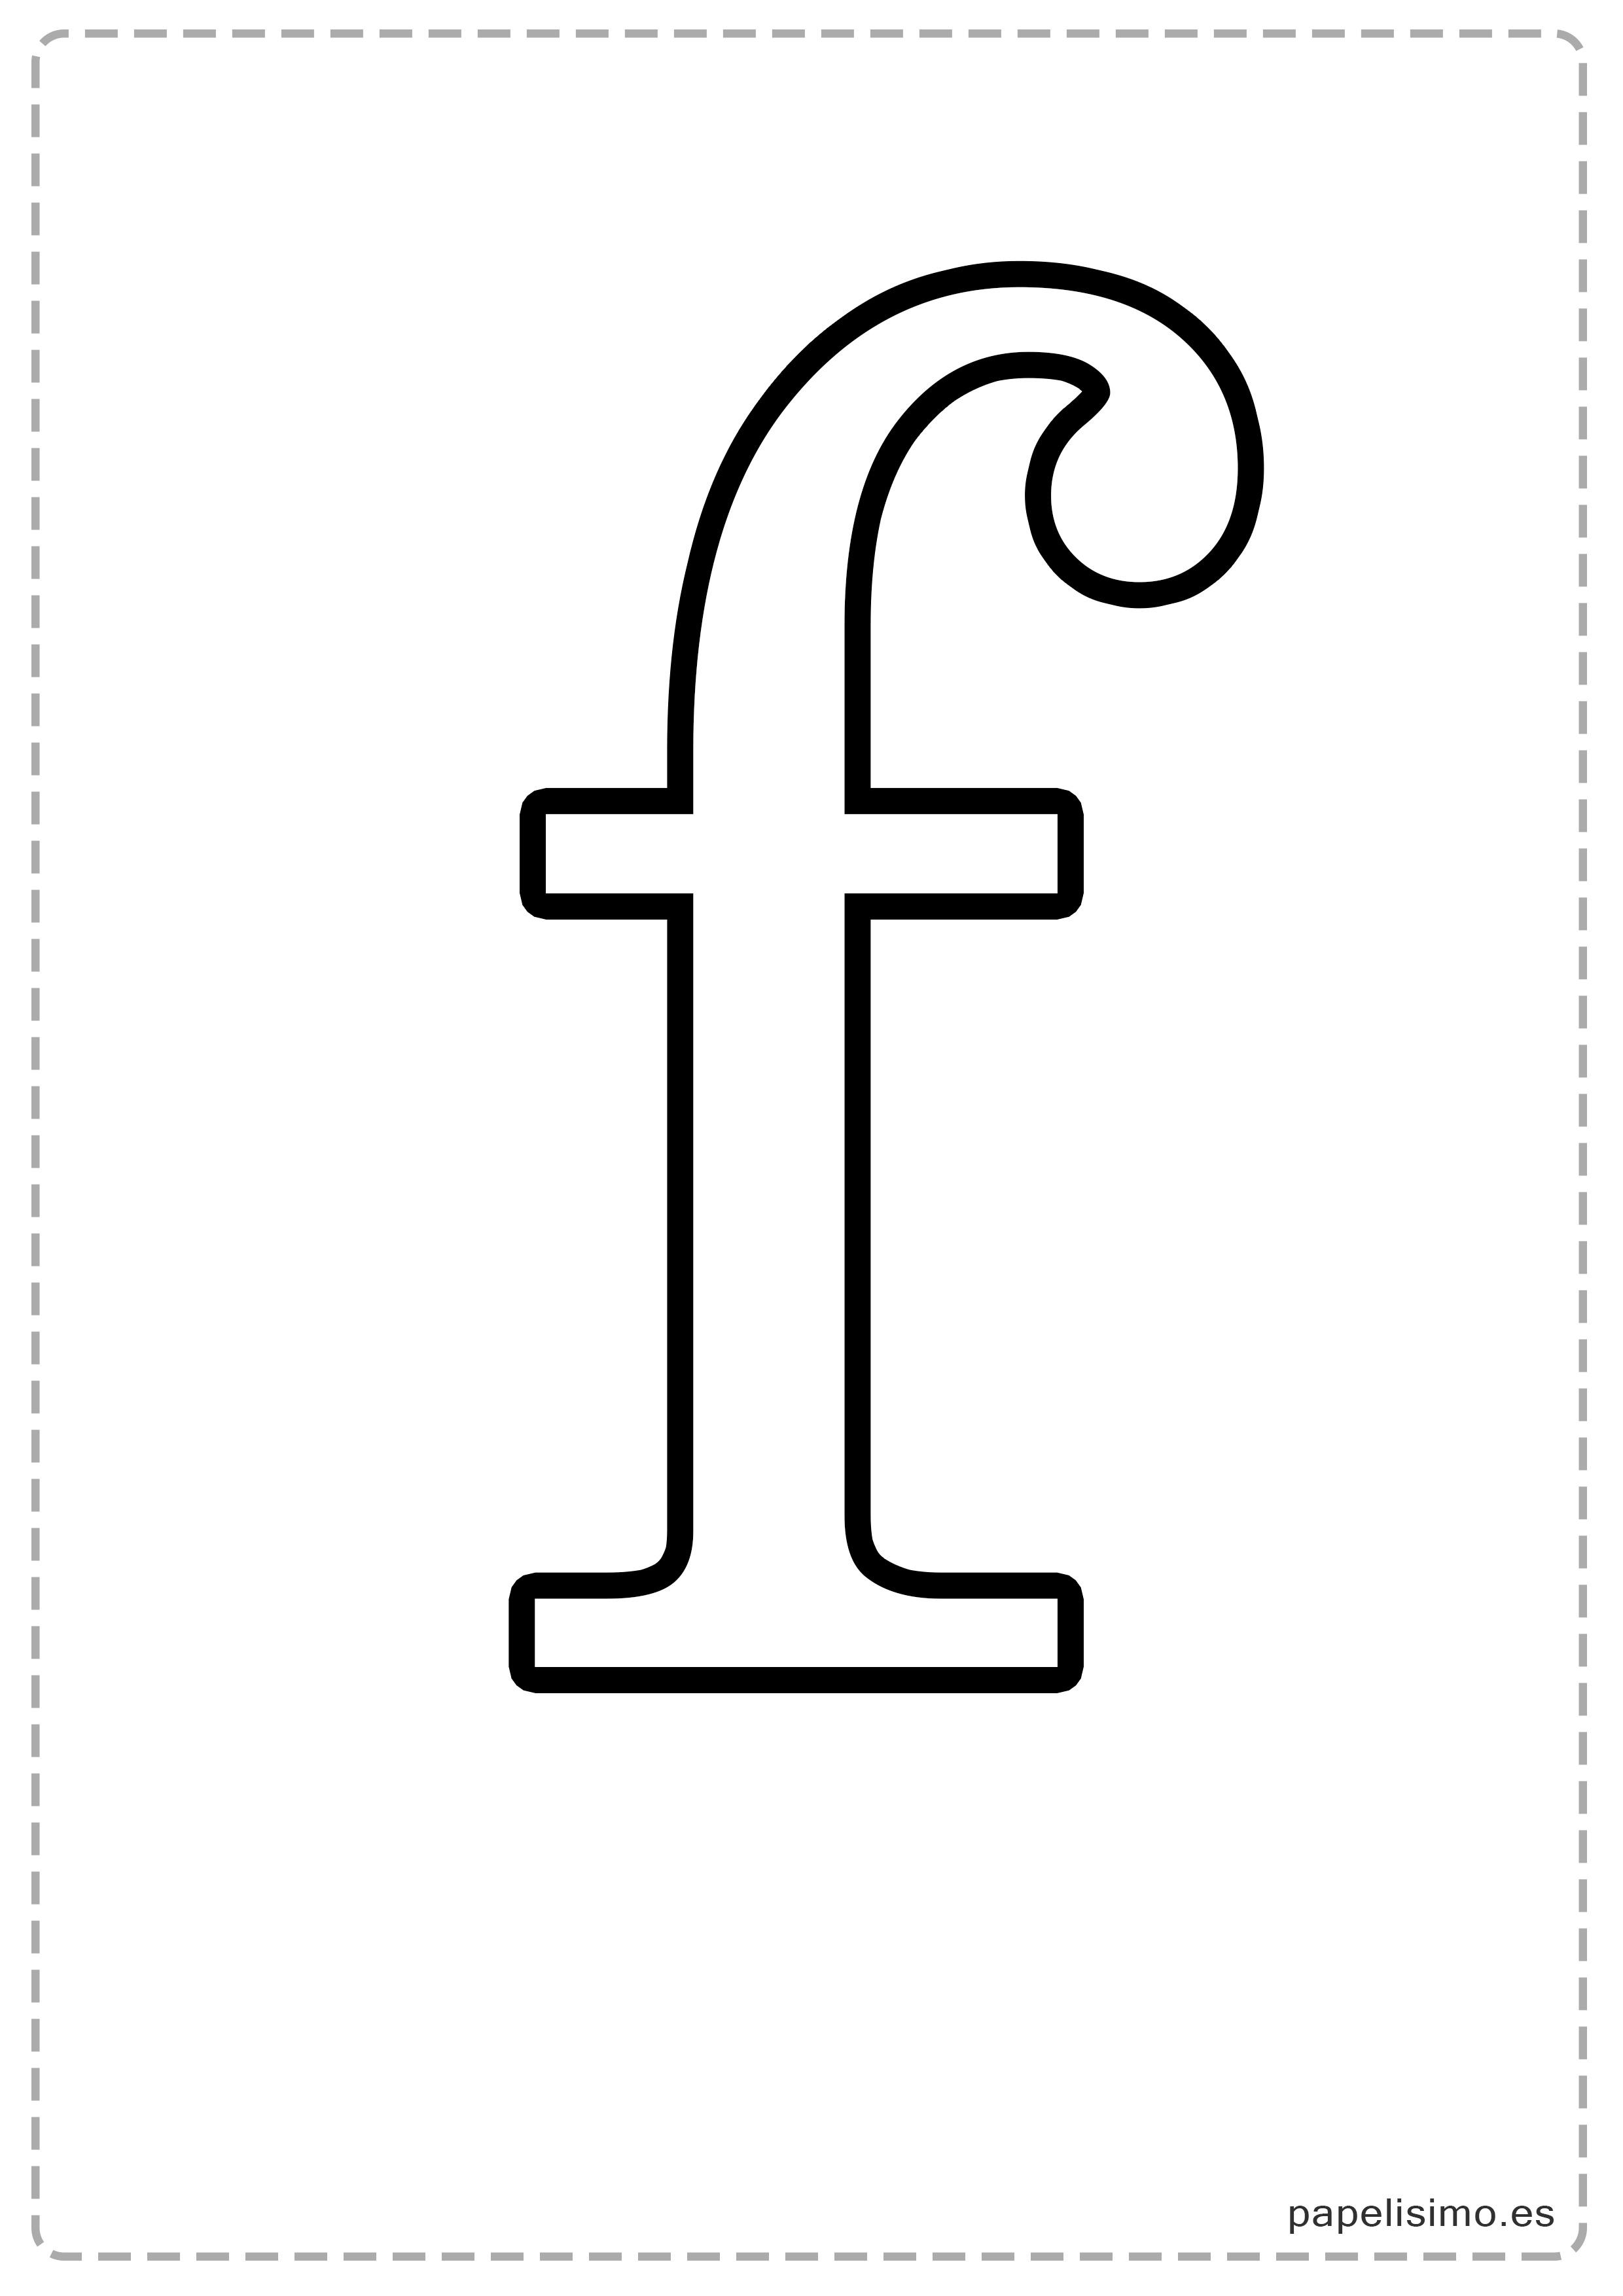 letras grandes para imprimir  min u00fasculas